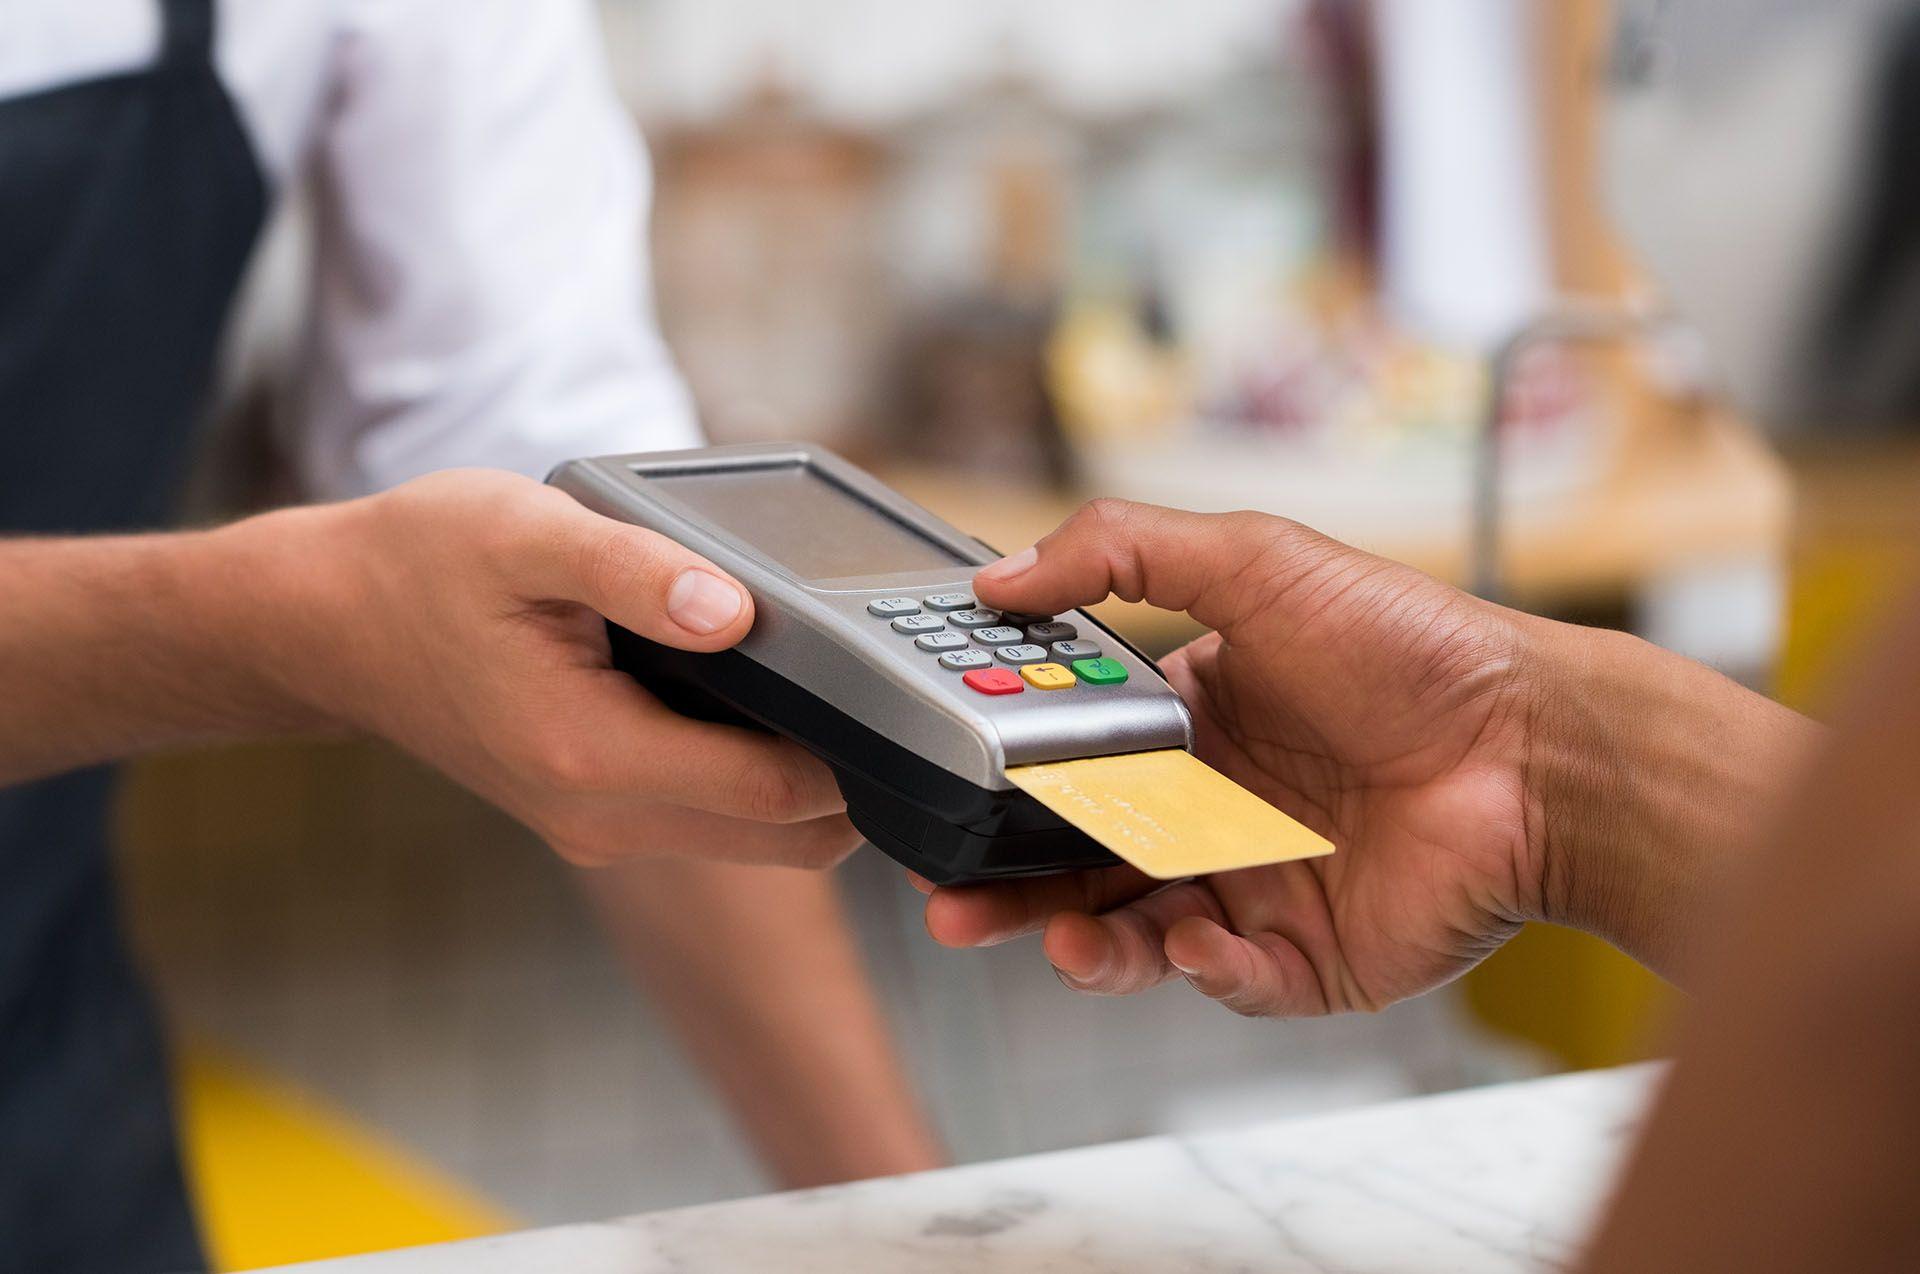 Neo renova contrato com a Alelo para atendimento aos clientes e apoio no processo de transformação digital